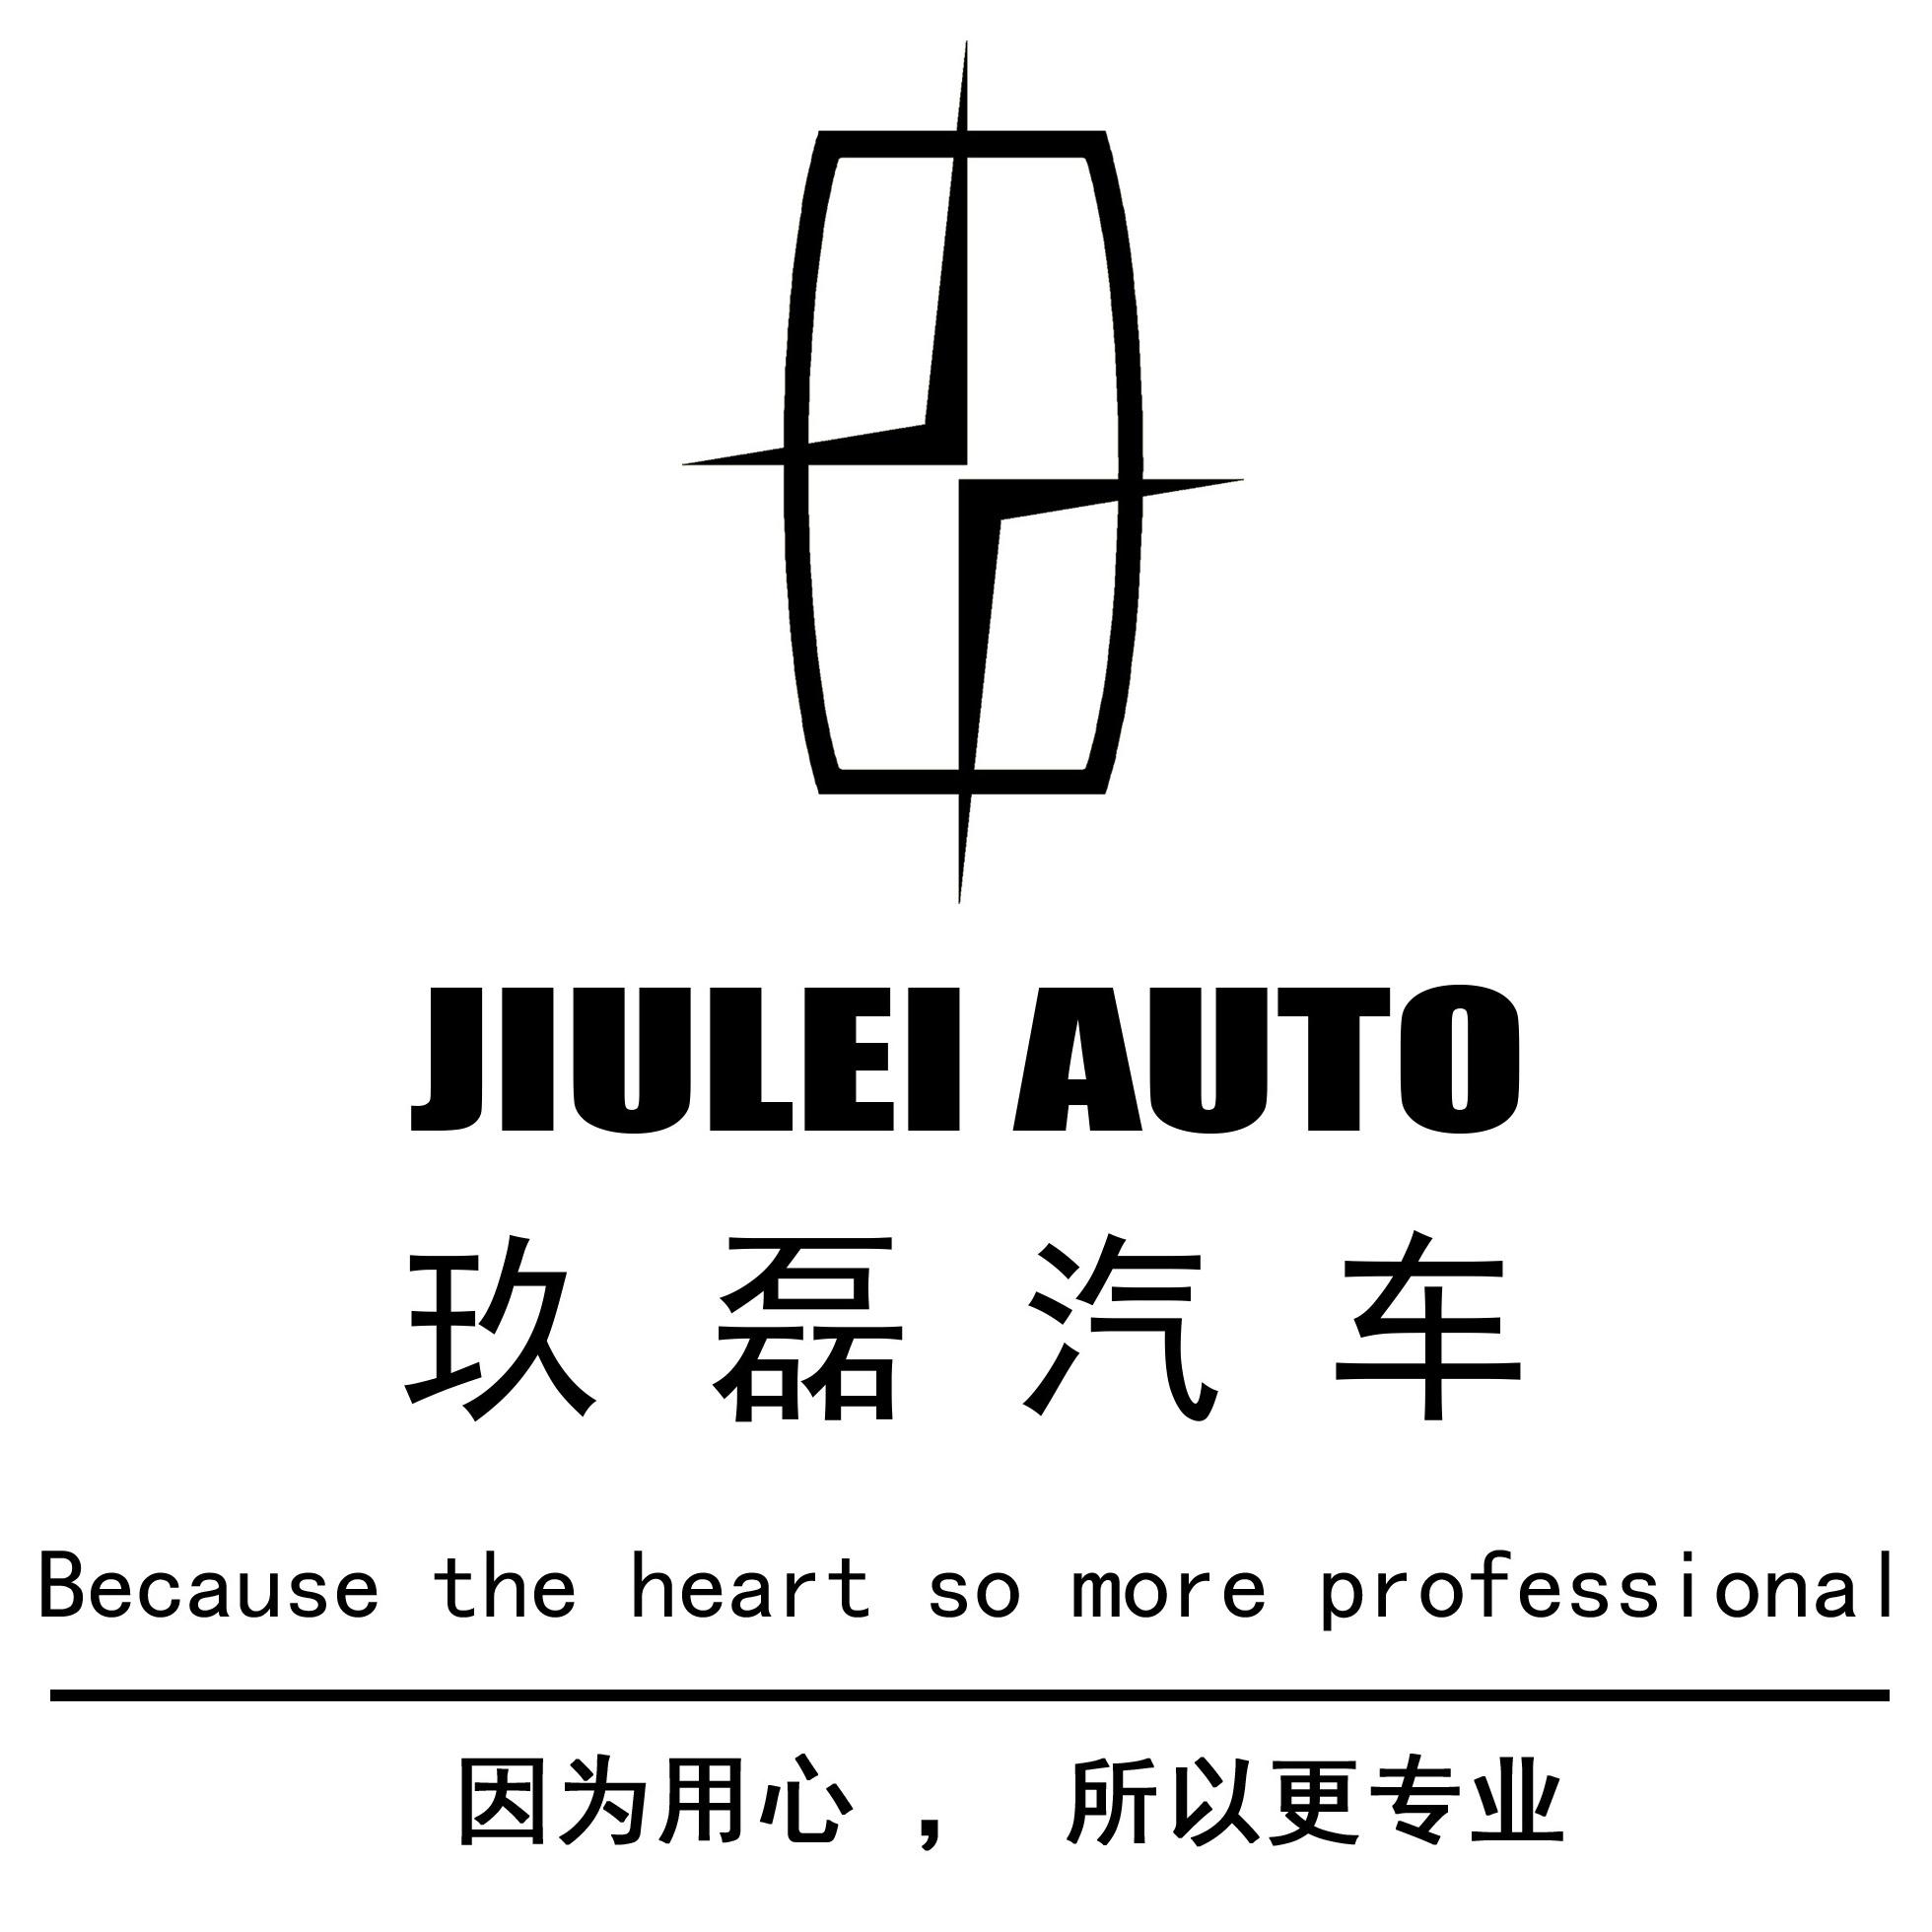 昆明玖磊汽车销售服务有限公司